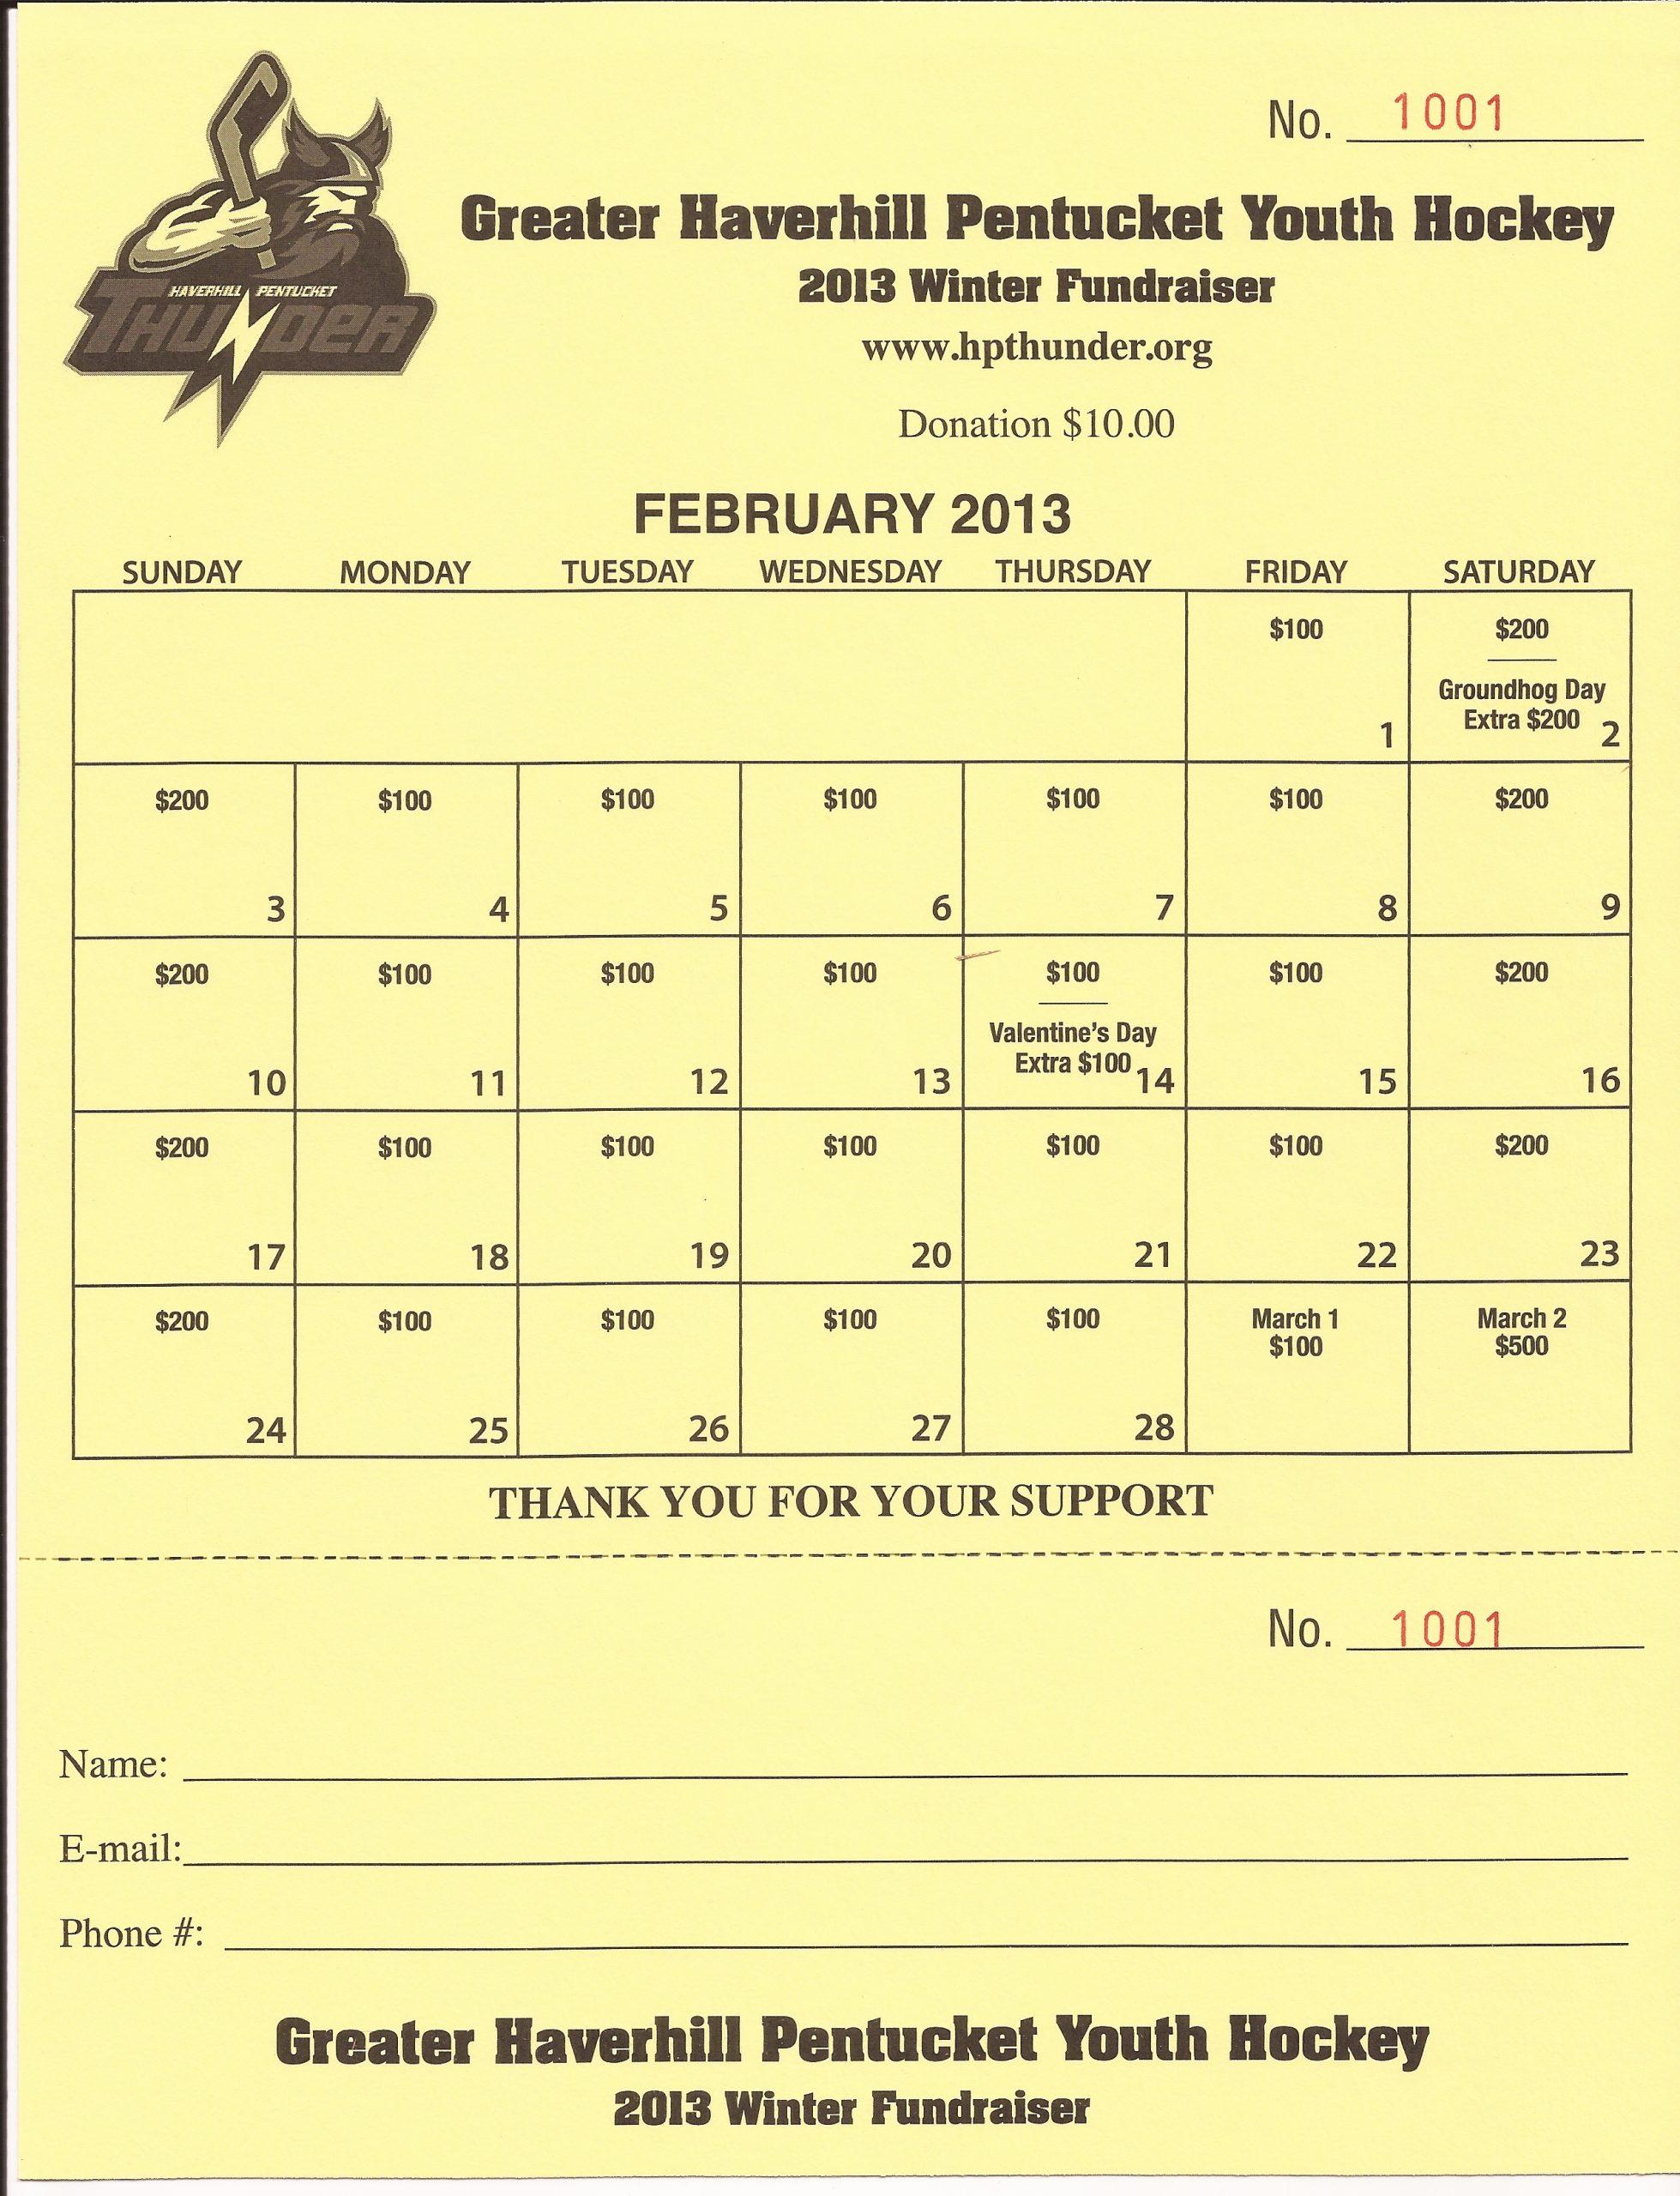 Calendar Fundraiser | Greater Haverhill Pentucket Youth Hockey